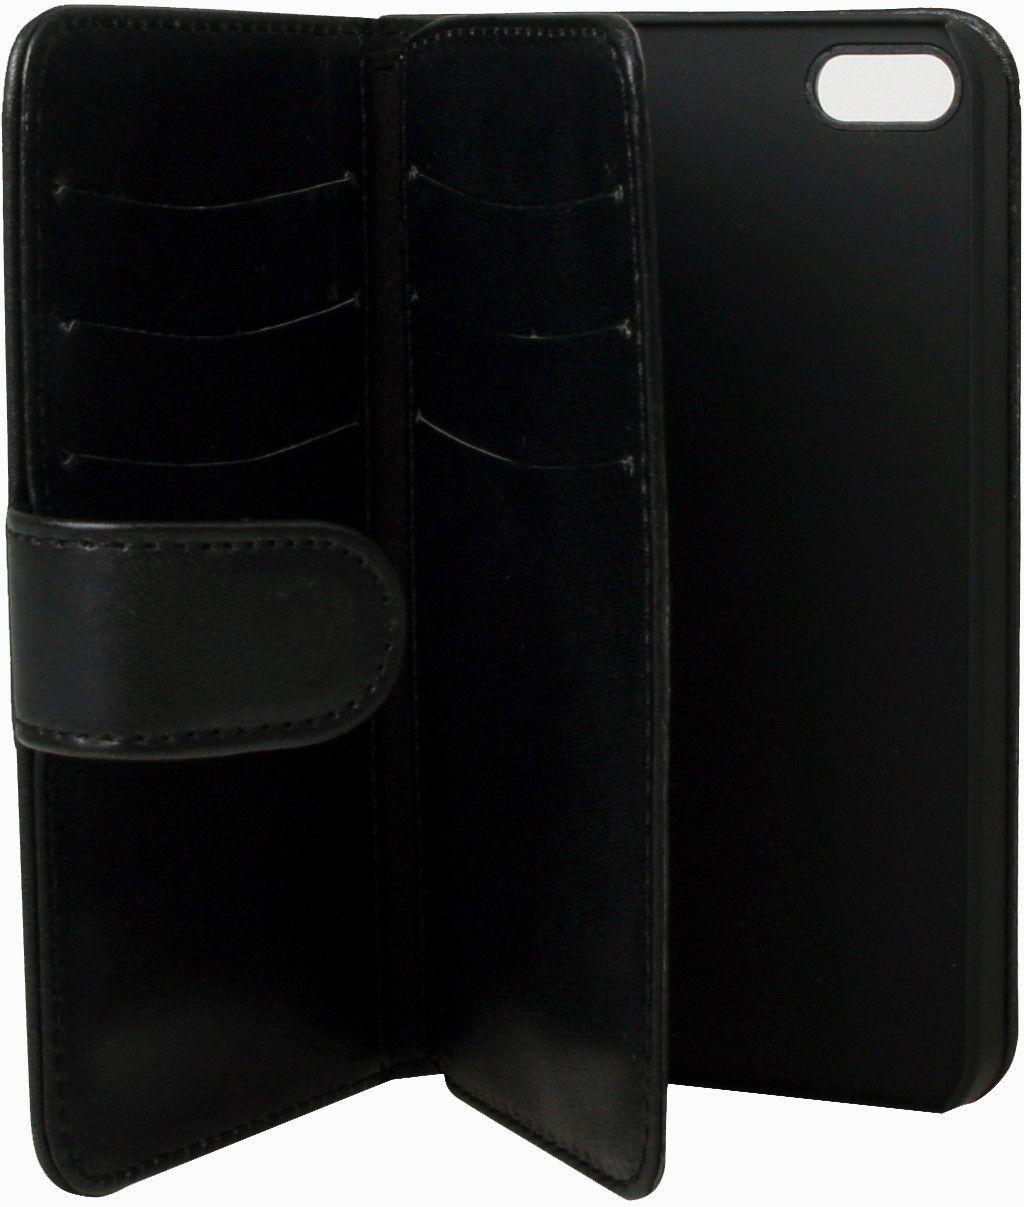 Gear Plånboksväska (iPhone 5/5S/SE)